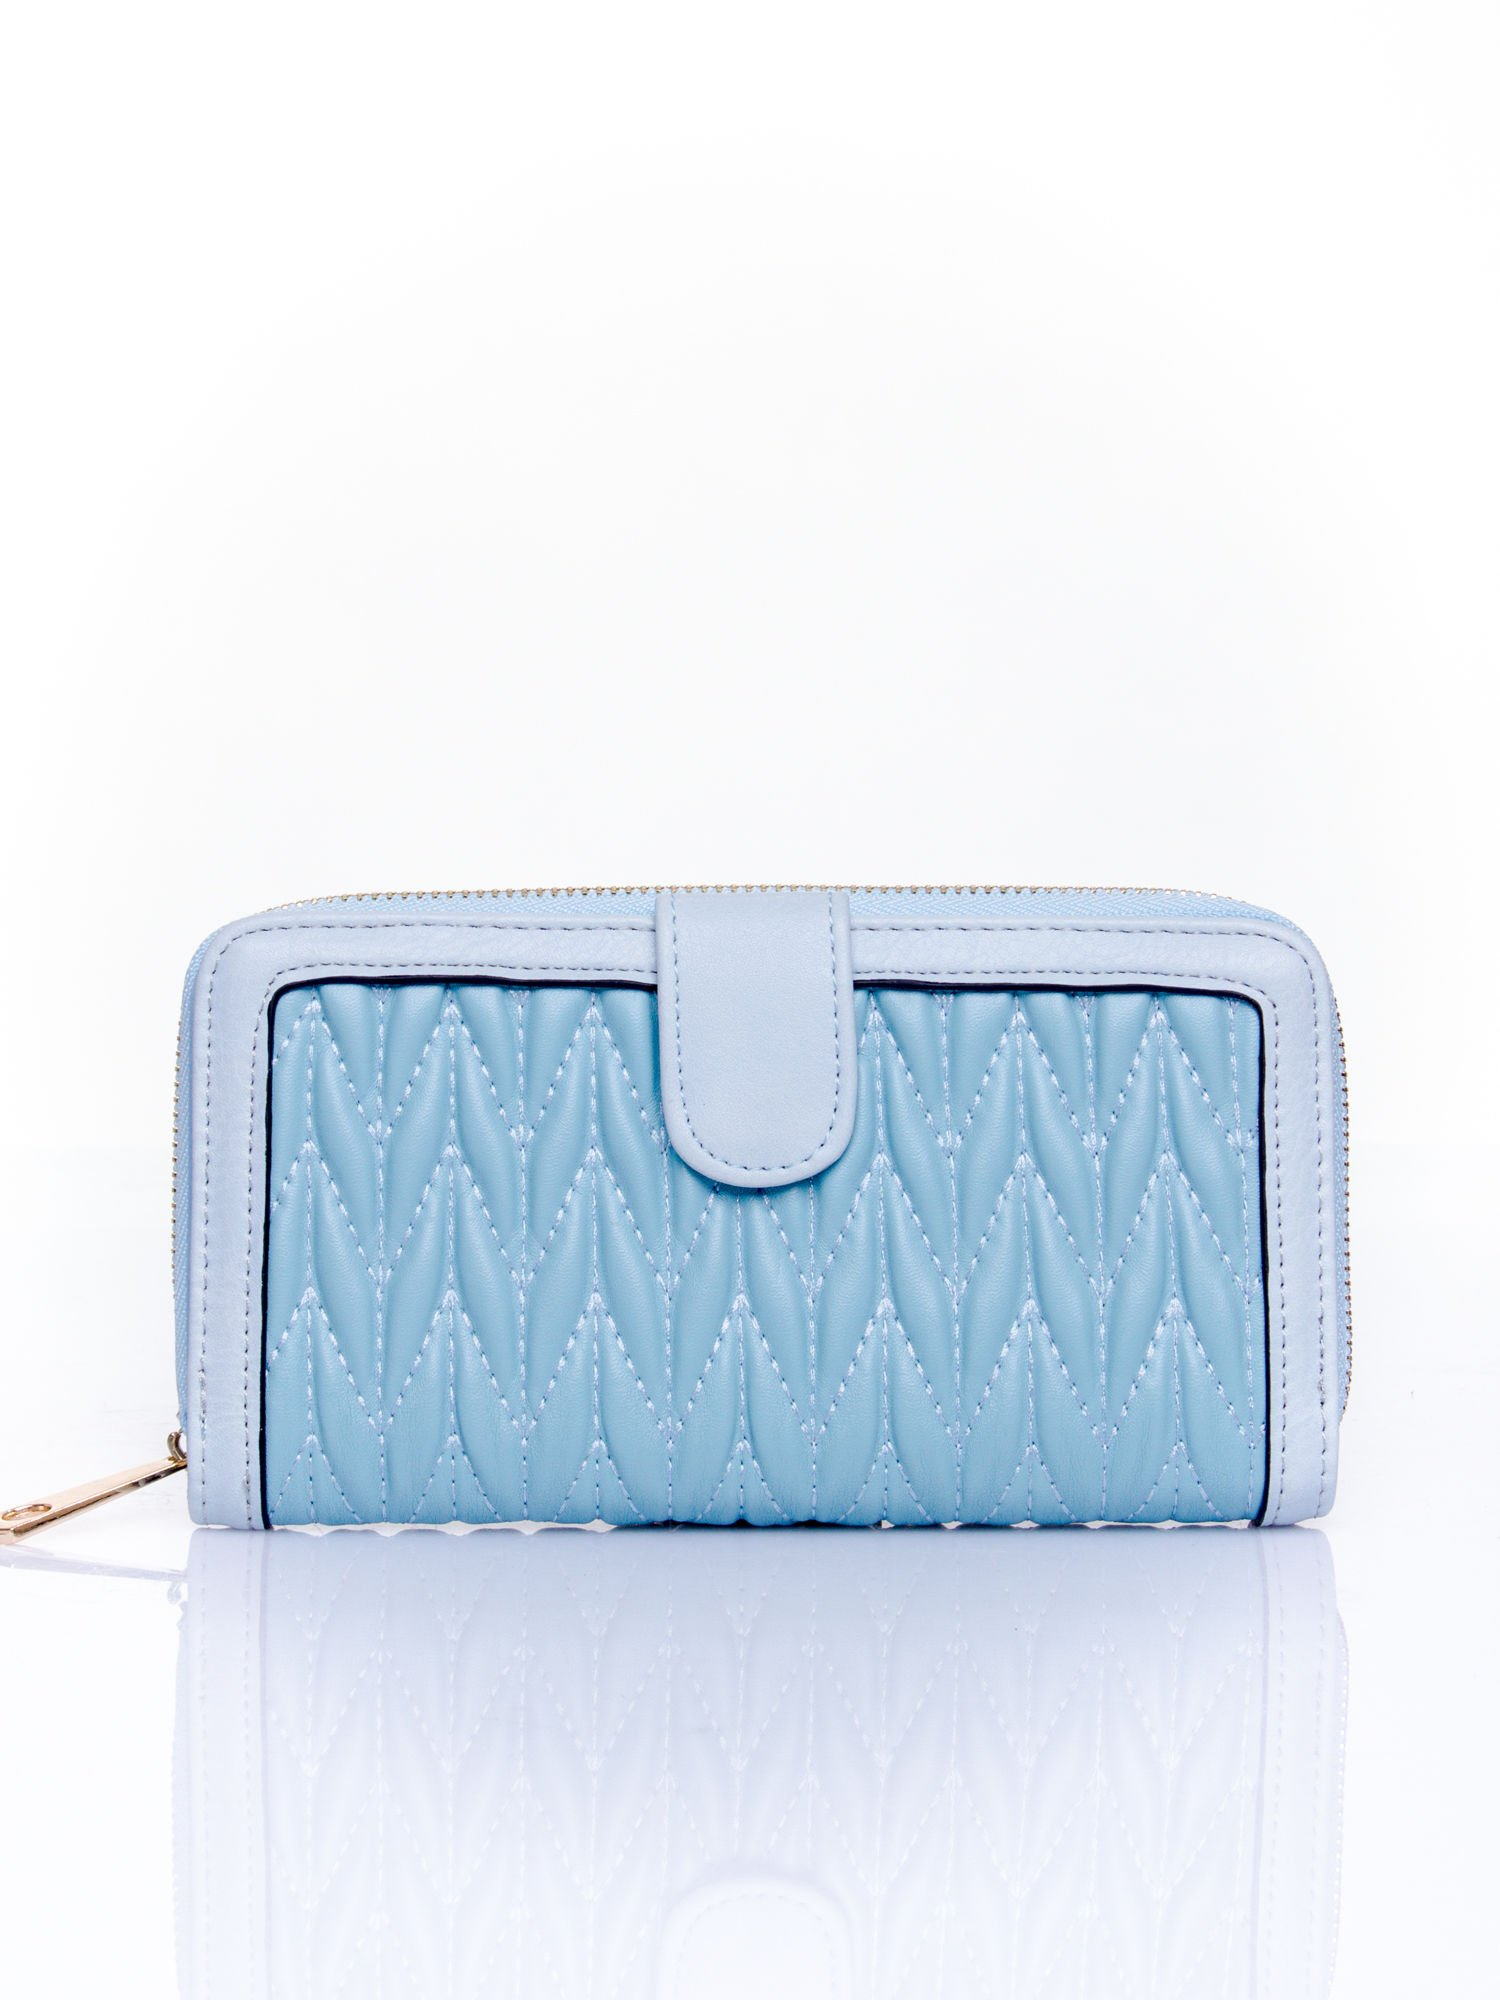 Niebieski pikowany portfel ze złotym suwakiem                                  zdj.                                  1